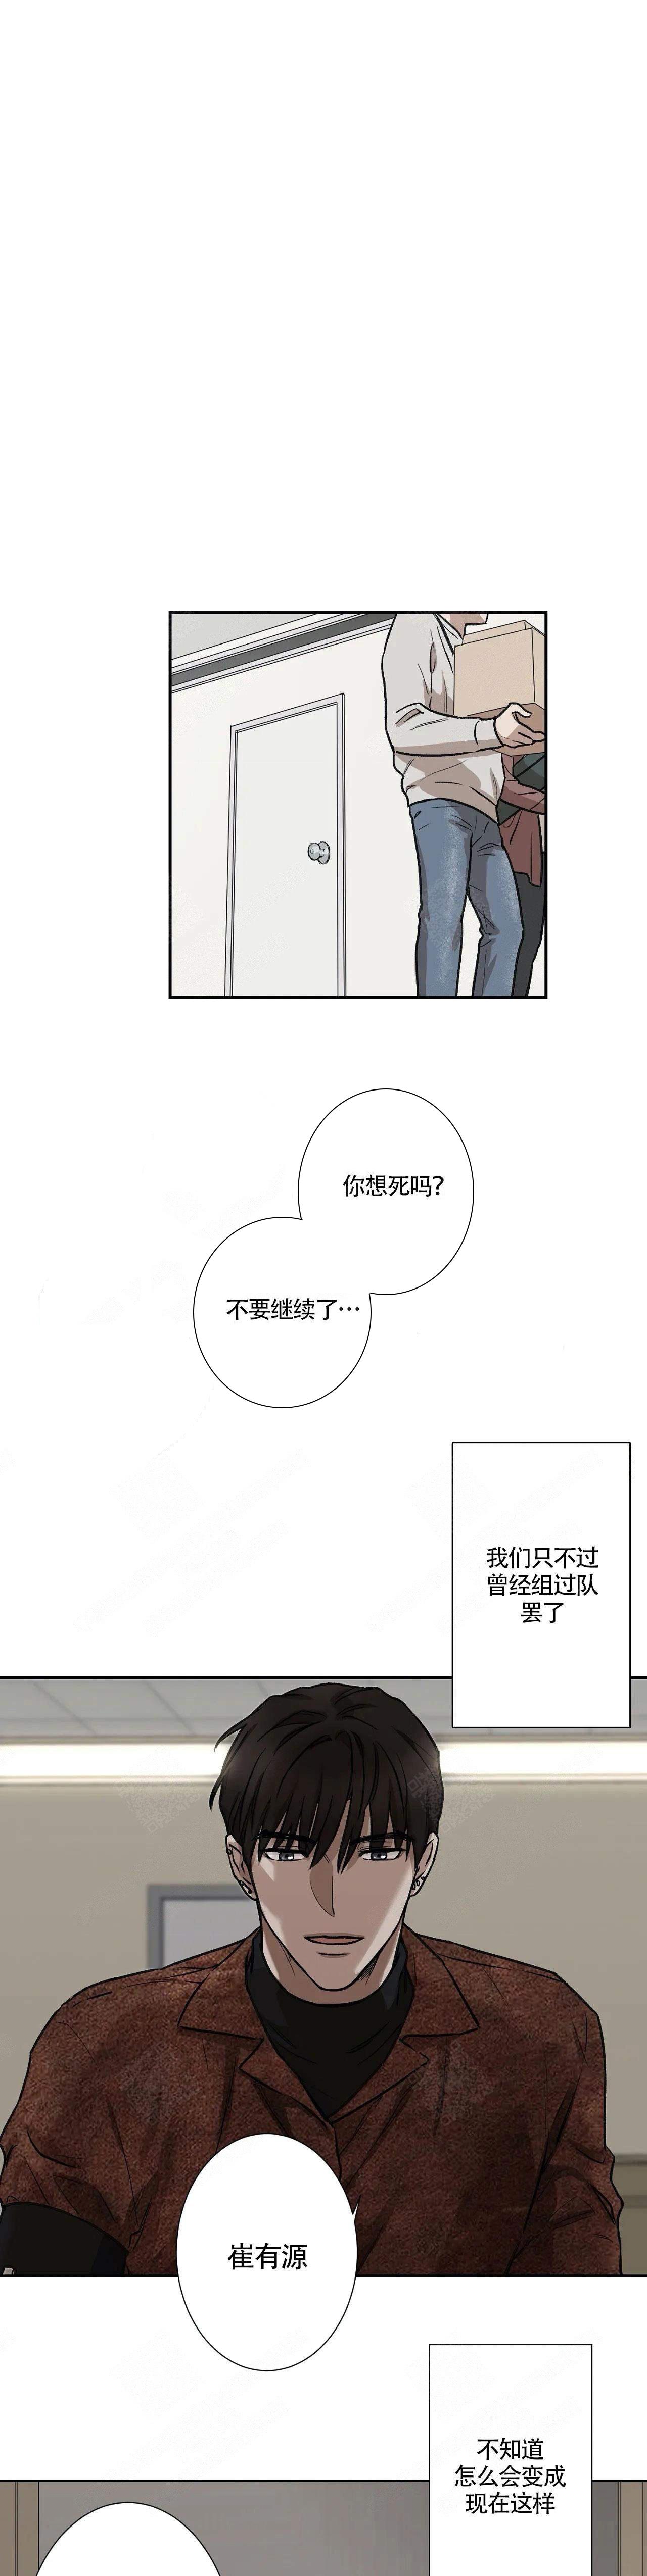 偶像的秘密恋爱-漫画完整版汉化资源 免费阅读-啵乐漫画